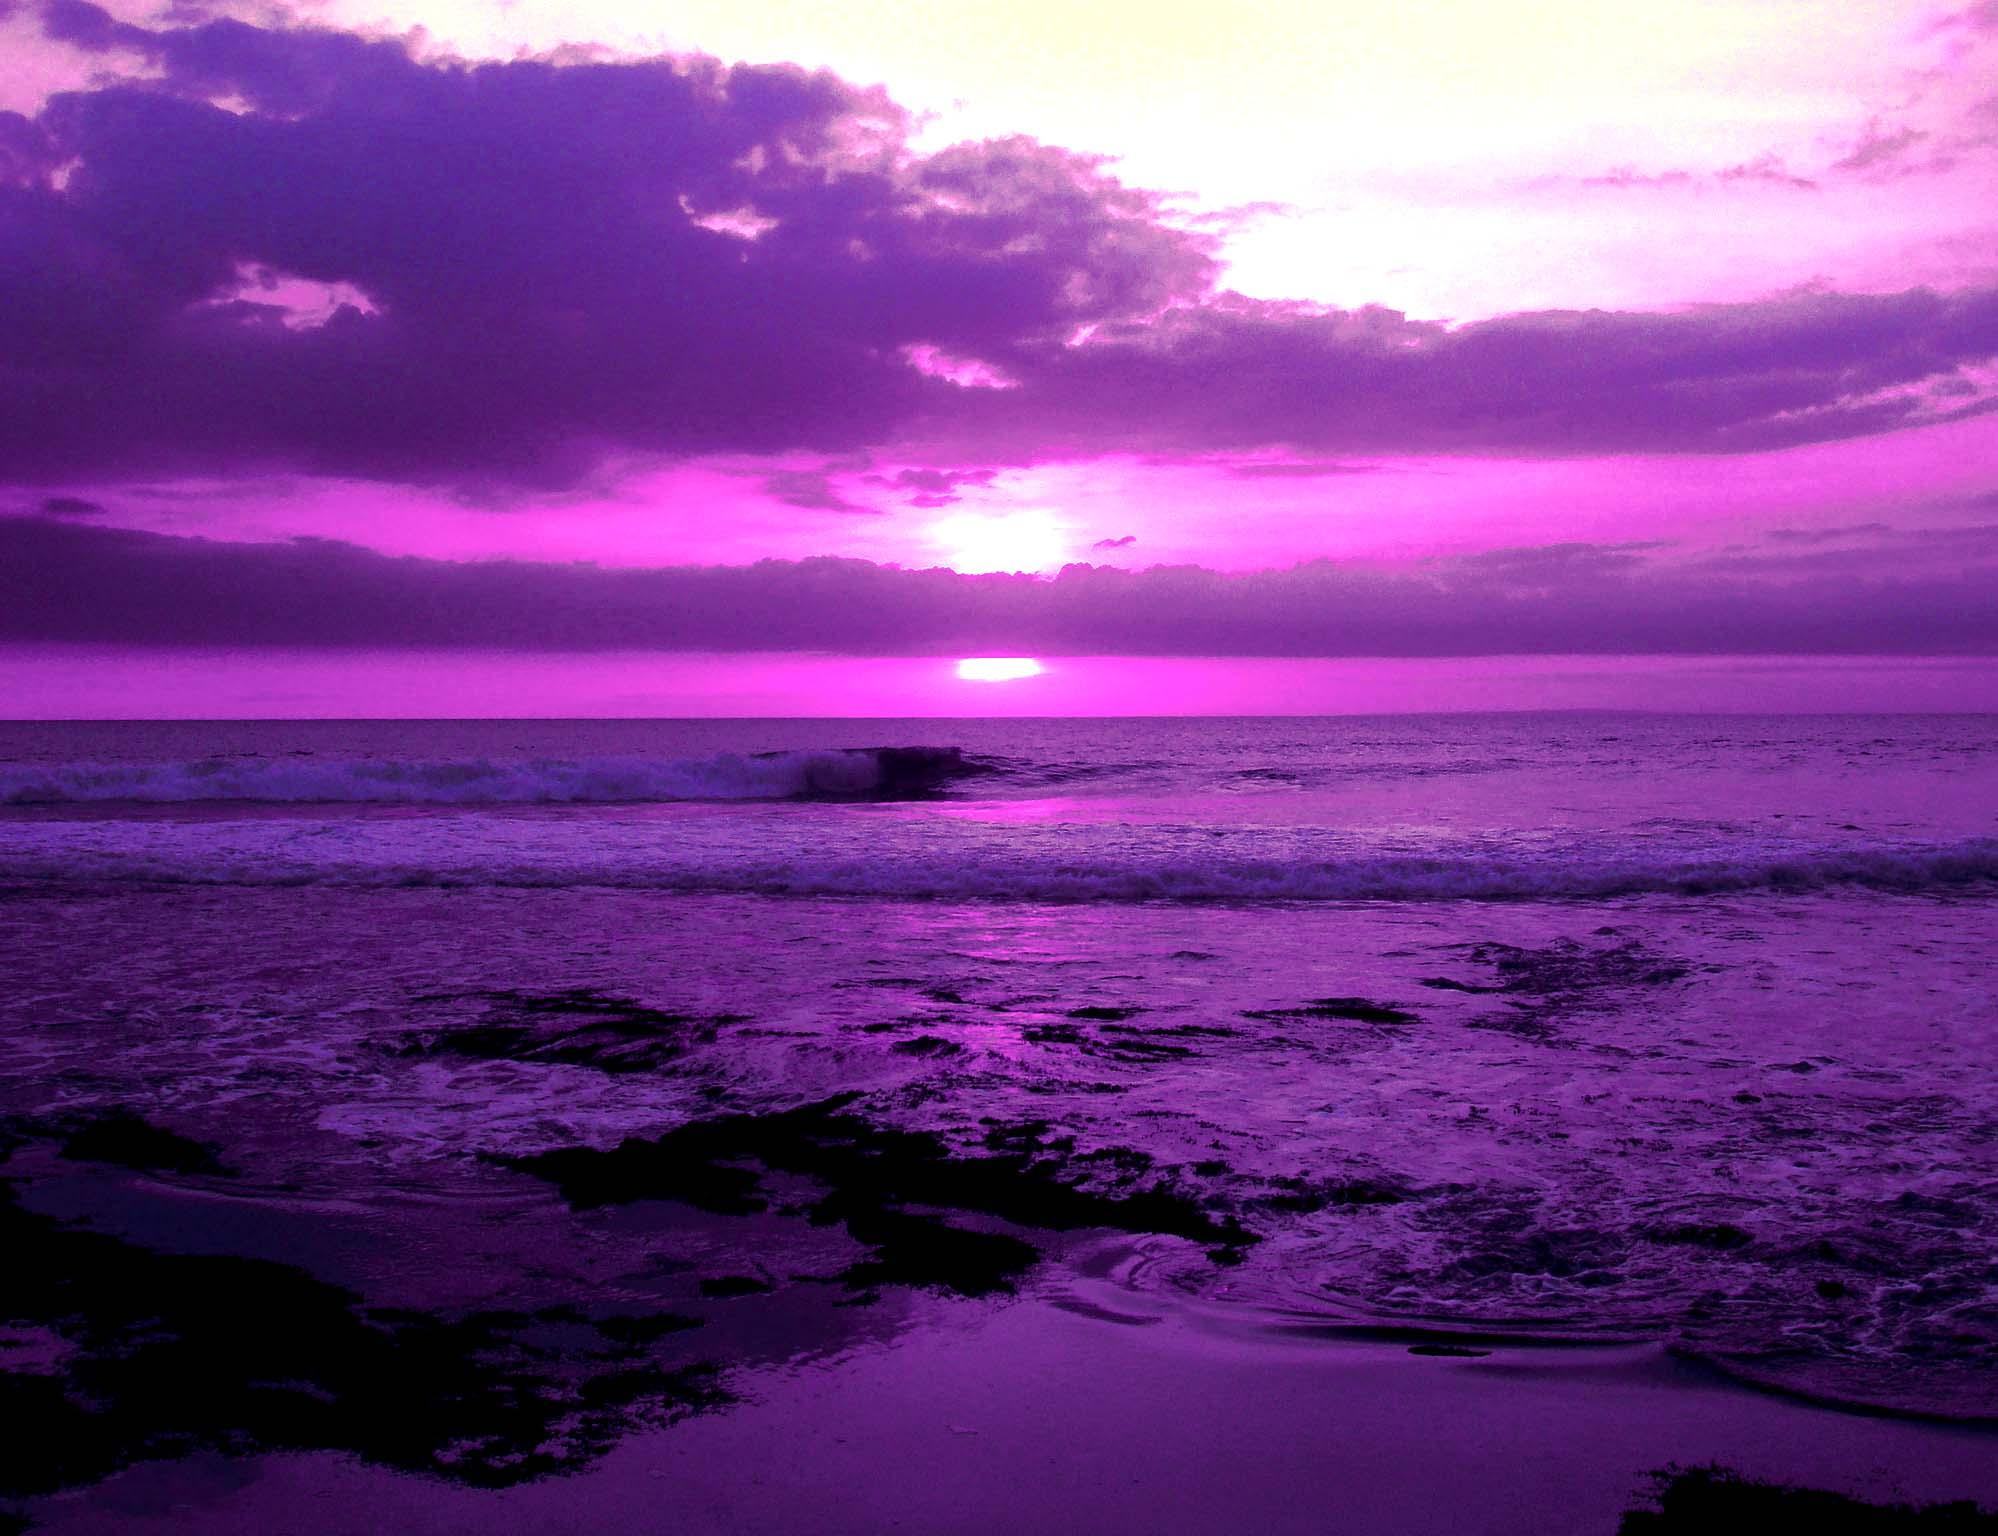 картинки фиолетового цвета фото самой востребованной одеждой